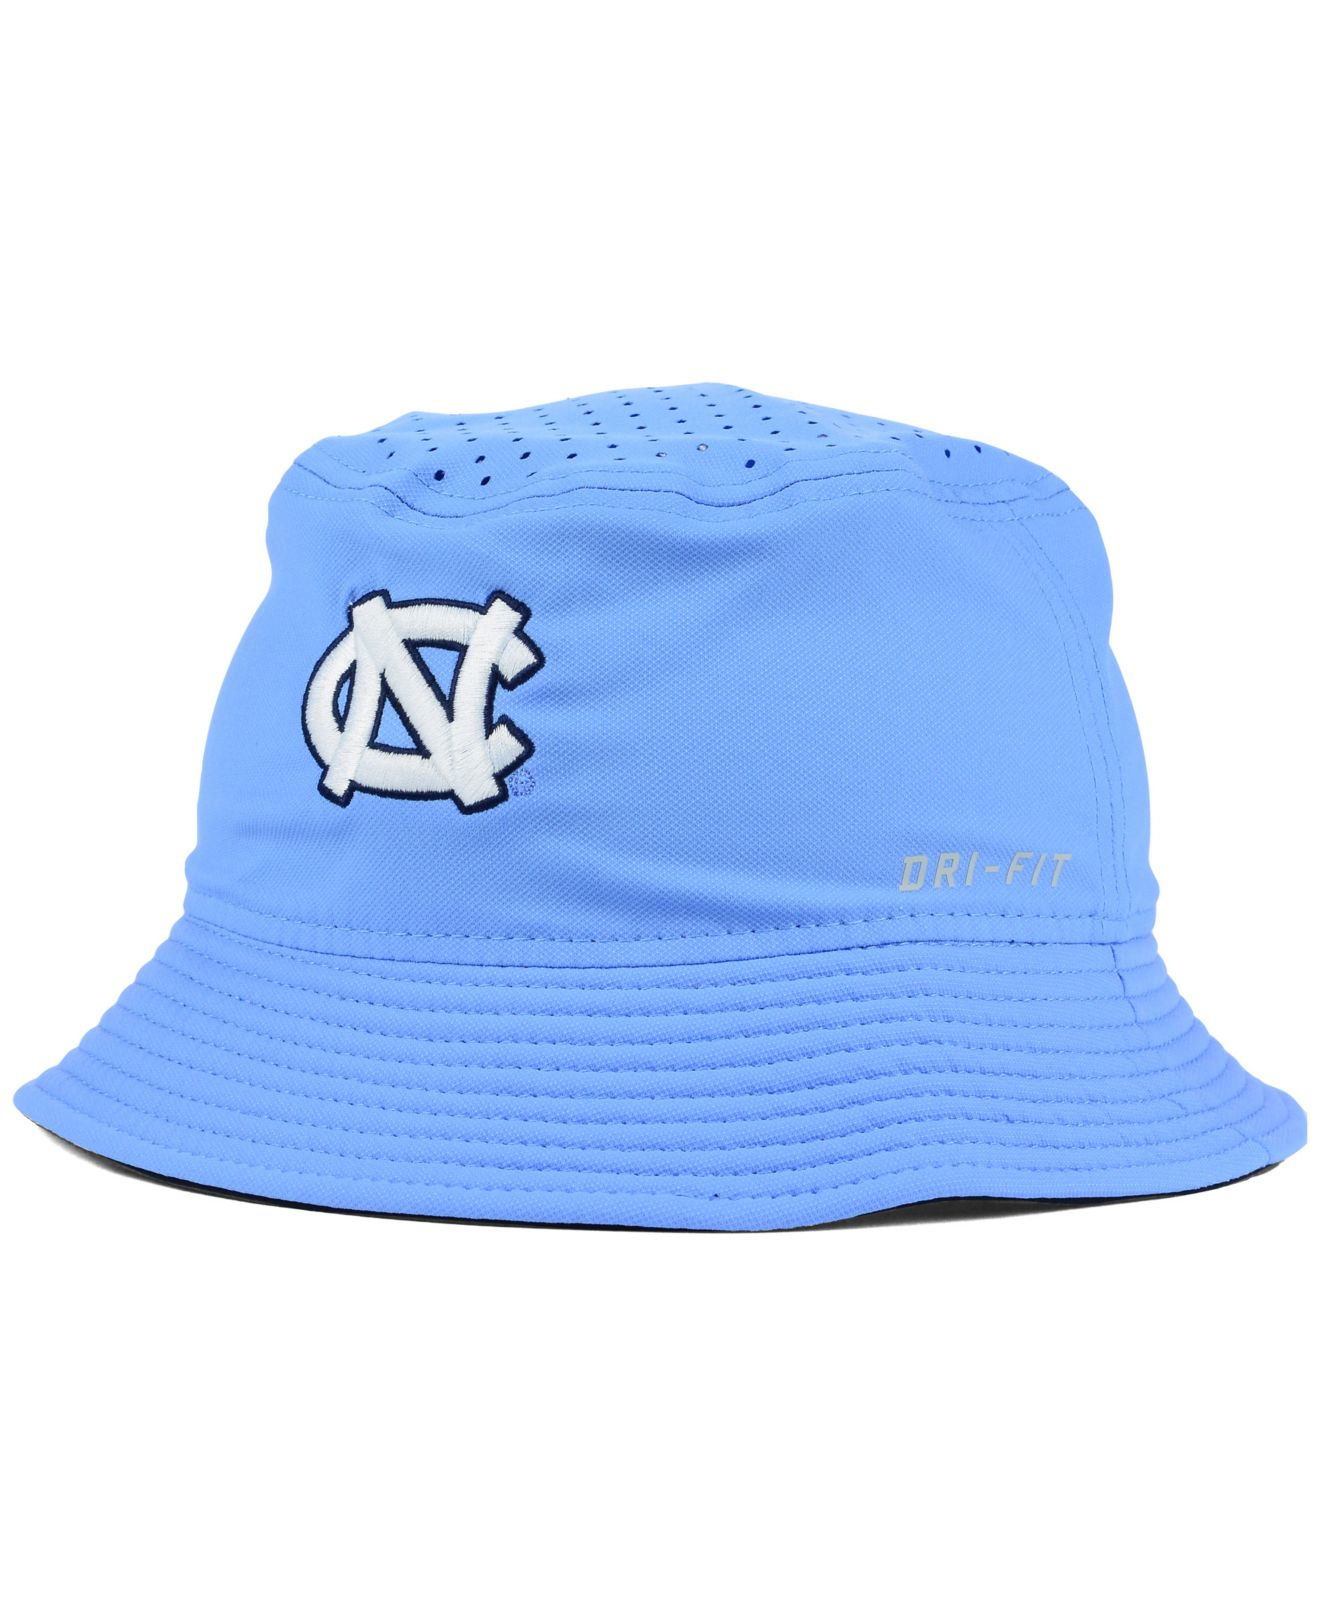 6667f45b803 ... usa lyst nike north carolina tar heels vapor bucket hat in blue for men  39d73 68fed